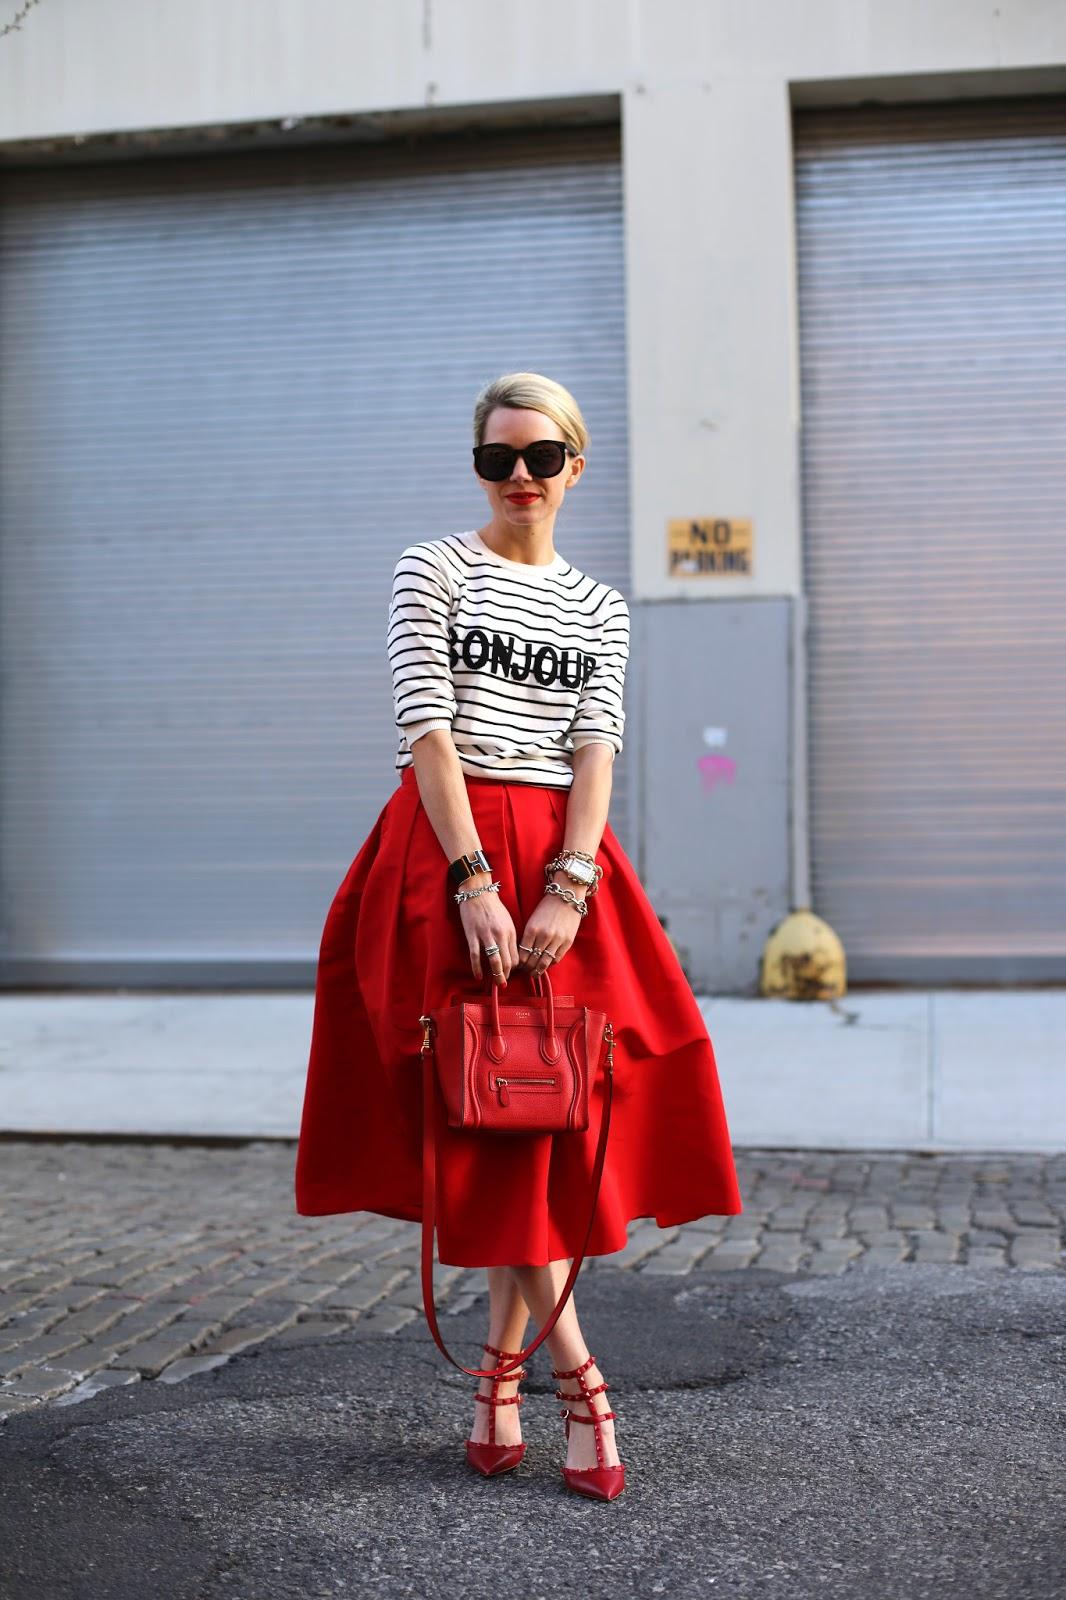 На фото: кофта с принтом в полоску с красной юбкой, красной сумкой и красных туфлях.